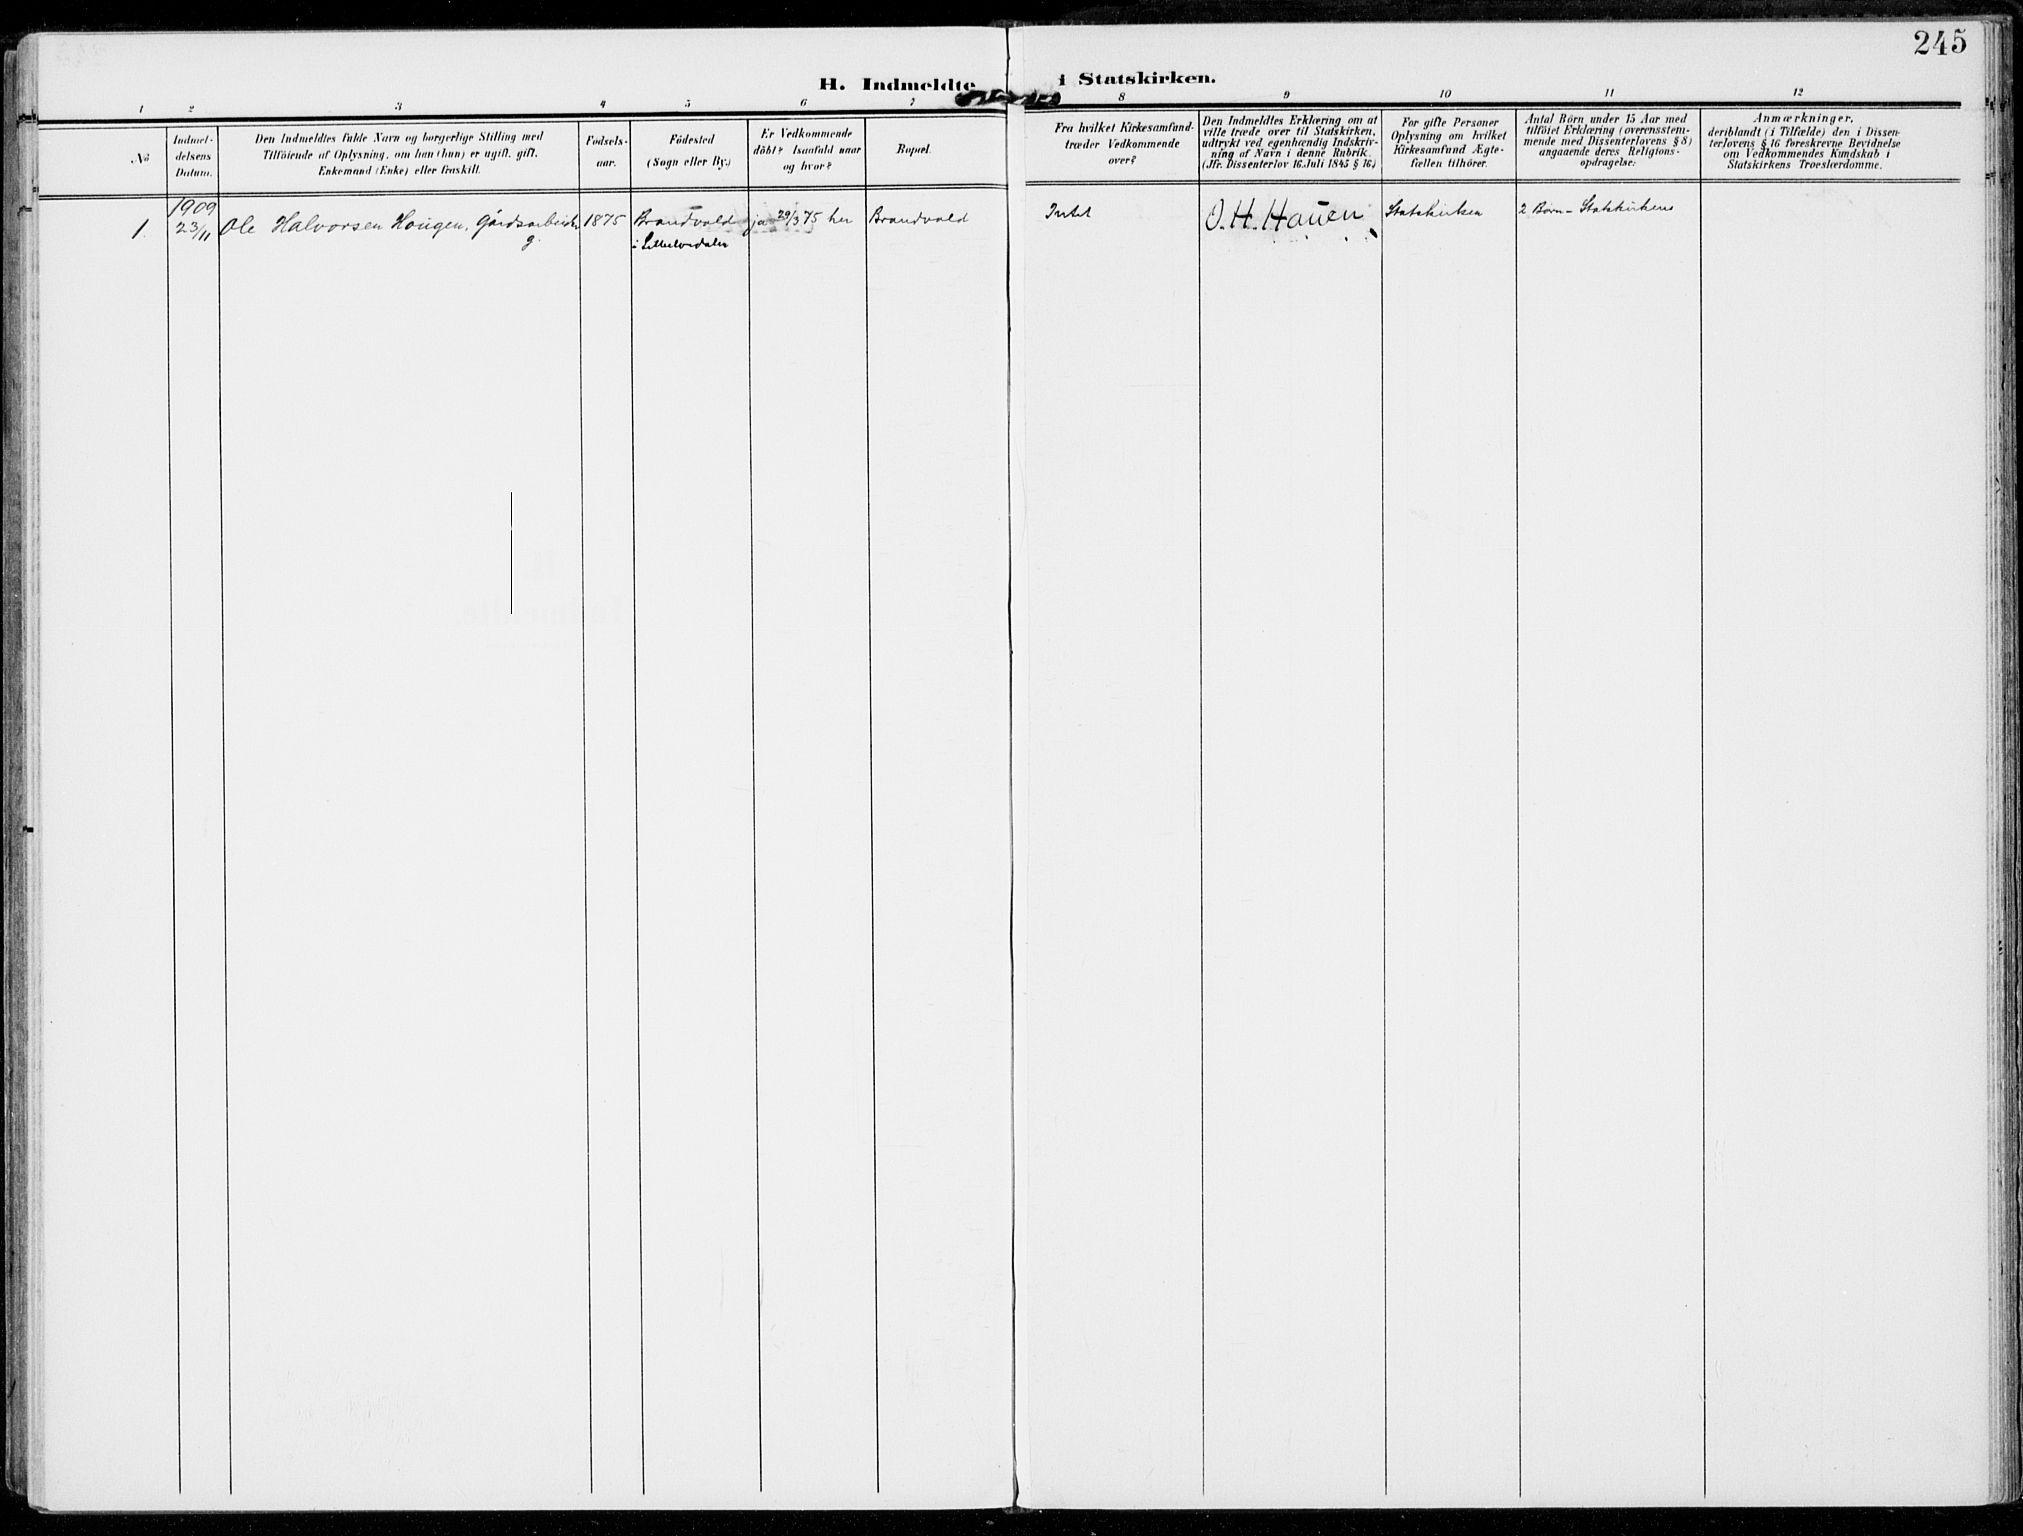 SAH, Alvdal prestekontor, Ministerialbok nr. 4, 1907-1919, s. 245